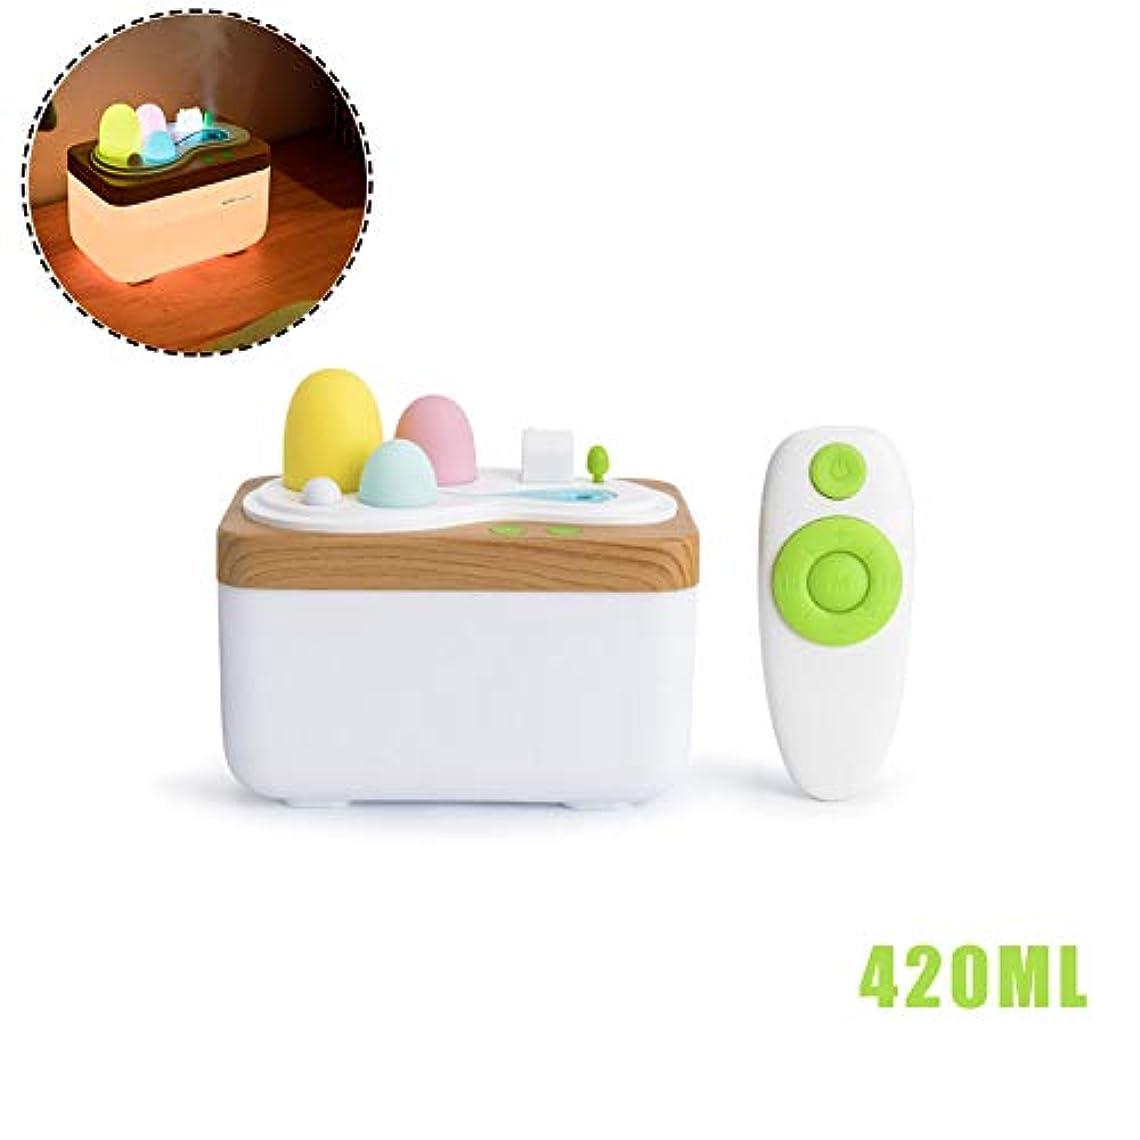 ヨーロッパ平和な注意リモコン420mlアロマセラピー用エッセンシャルオイルディフューザー、超音波アロマディフューザーヨガオフィススパ寝室用ミスト加湿器をクールします。